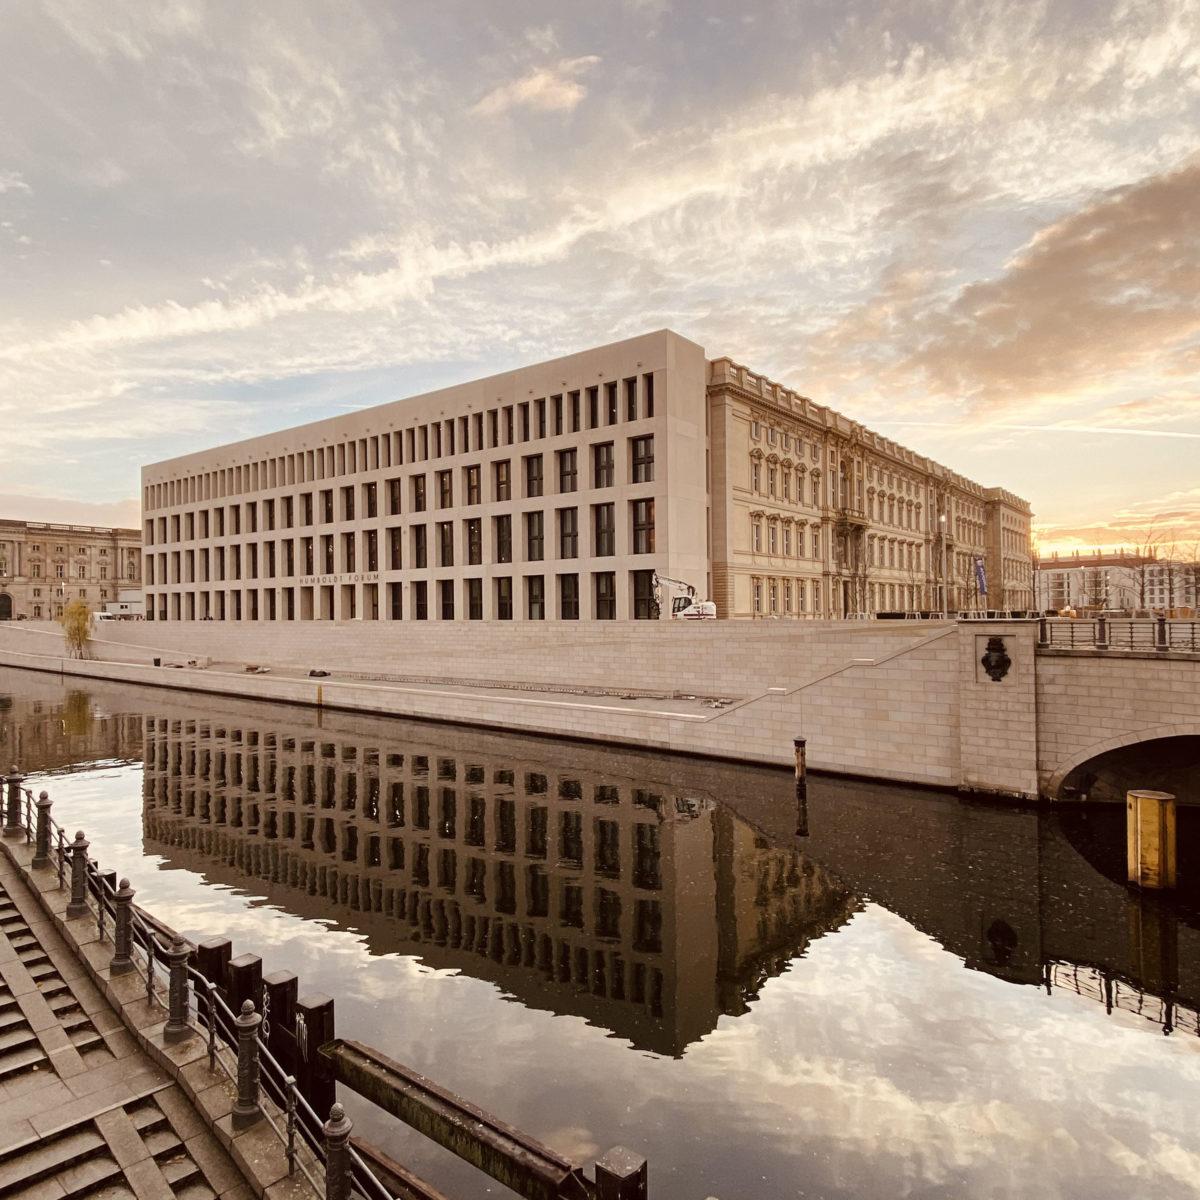 Berlin, Humboldt Forum